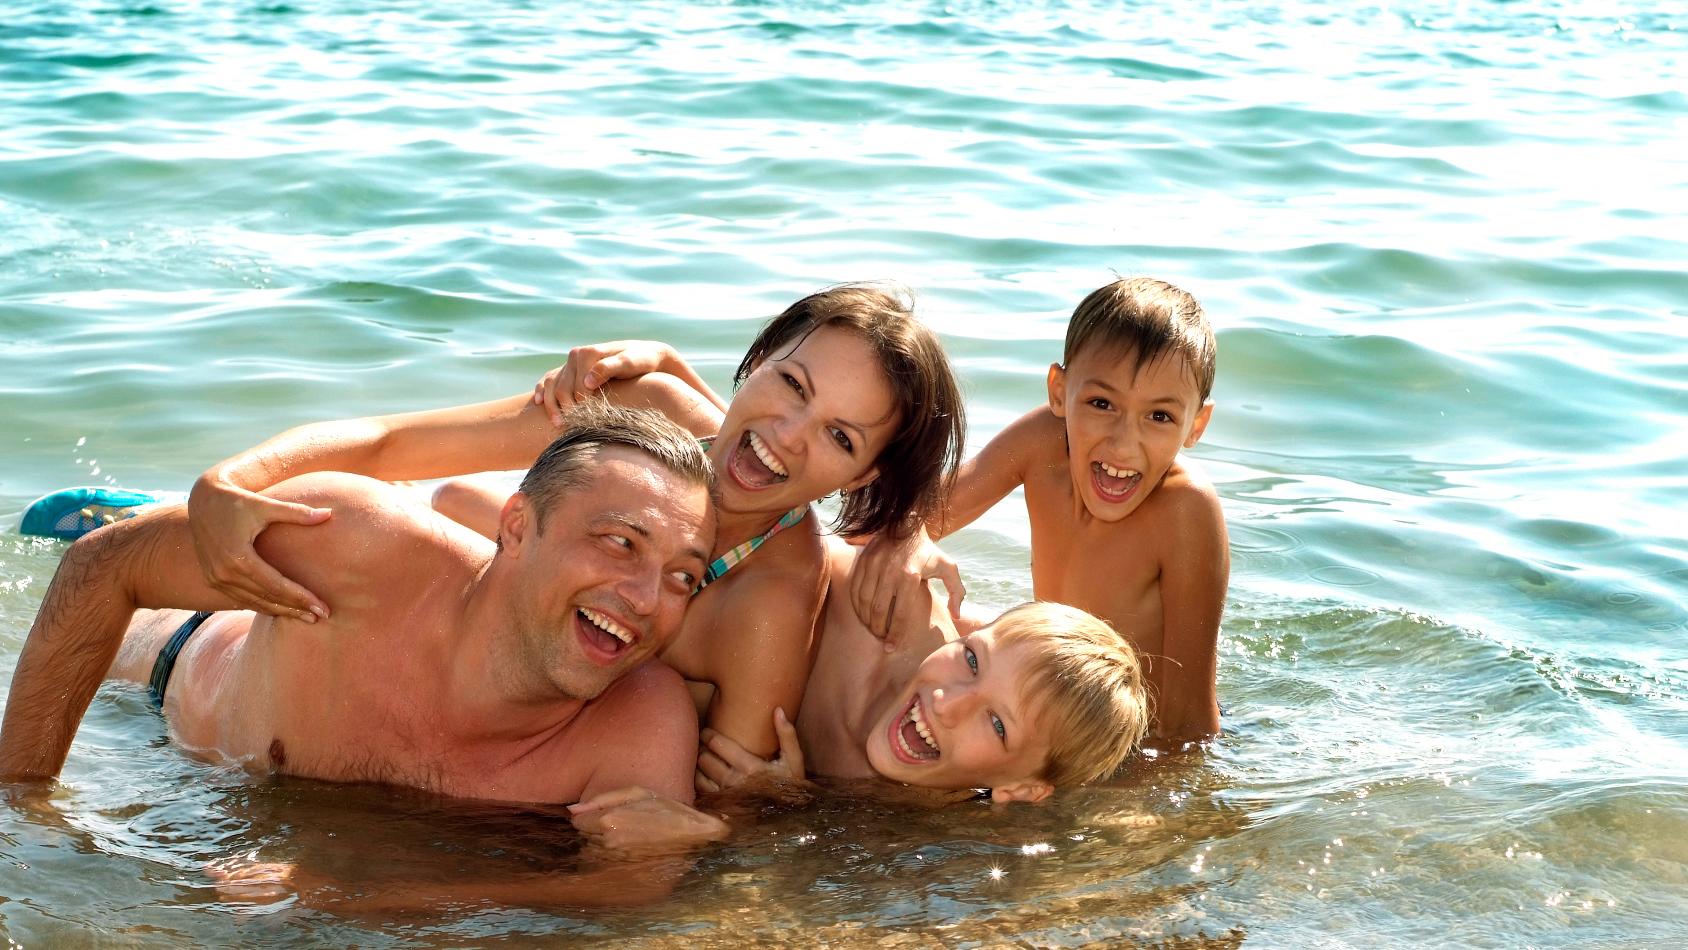 Vacanze Luglio al mare, divertimento ed eventi per tutti!